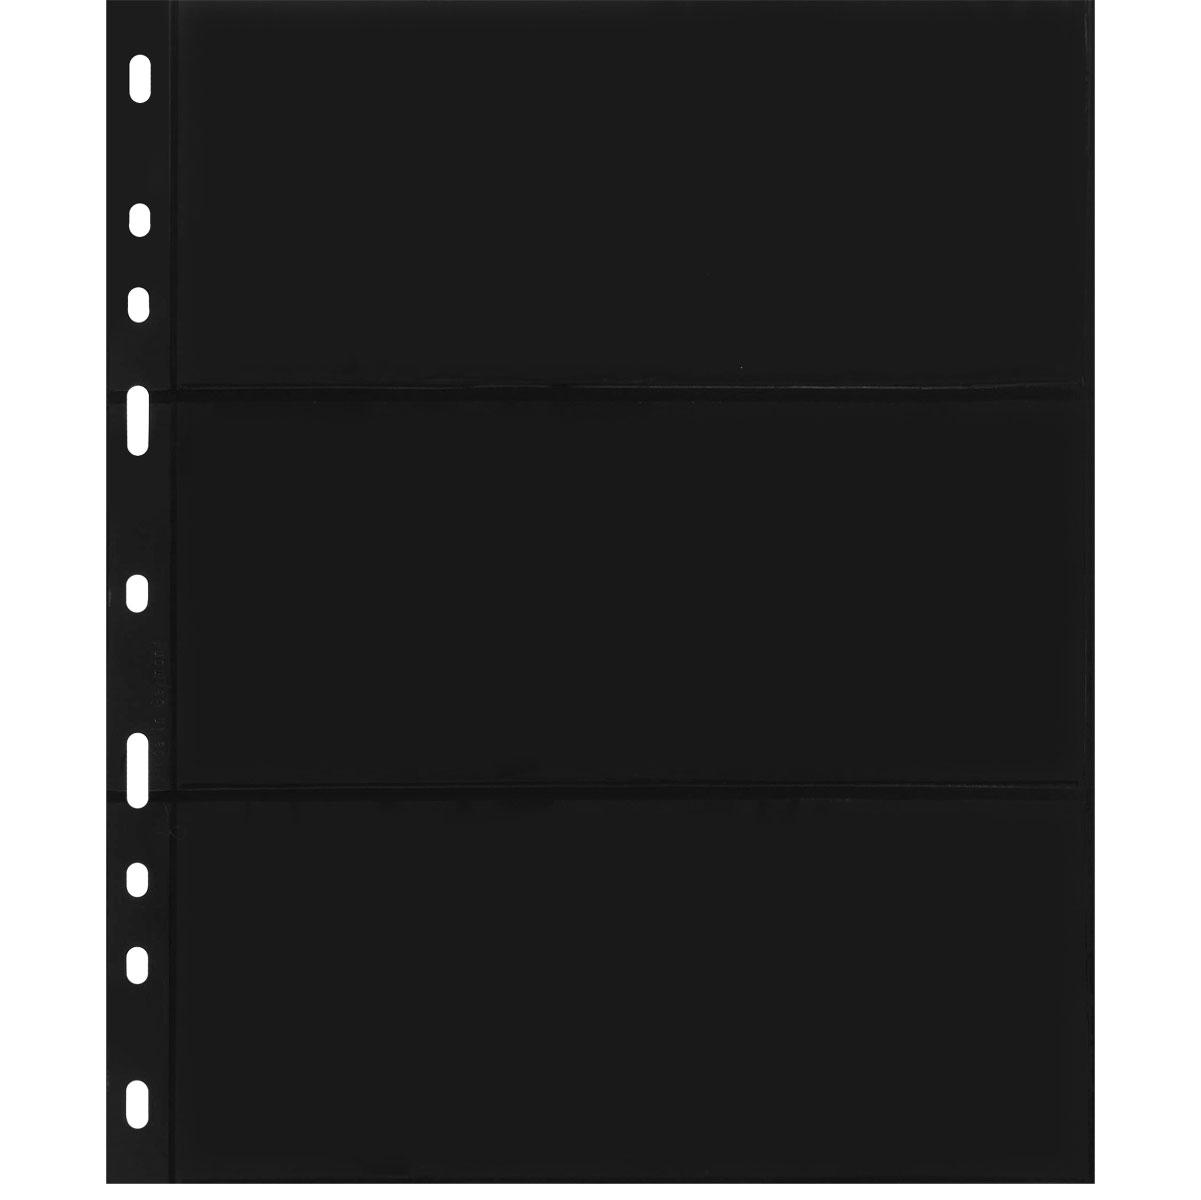 Лист в альбом Optima для бон, на 3 боны (S) (10 листов в упаковке)324851Характеристики: Размер листа: 25,2 см х 20,2 см Размер ячейки: 18 см x 7,7 см Количество листов в упаковке: 10